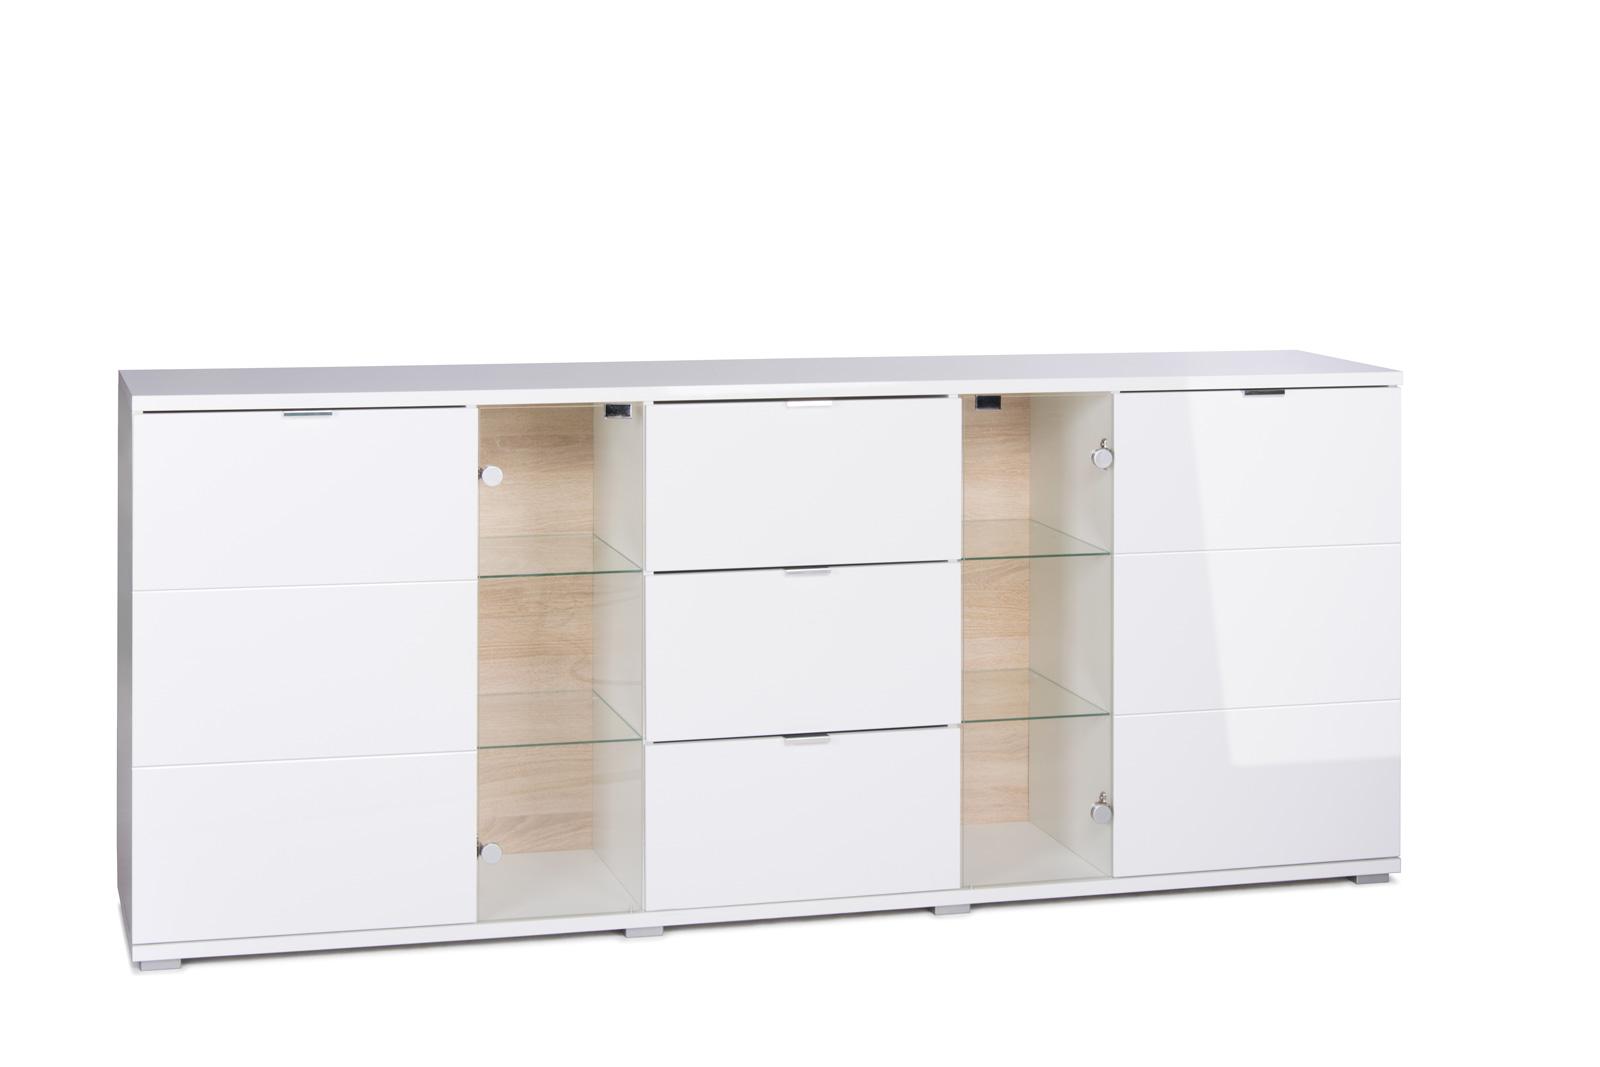 Sam sideboard holz 200 x 85 cm glossy 4 g nstig for Sideboard 200 cm holz